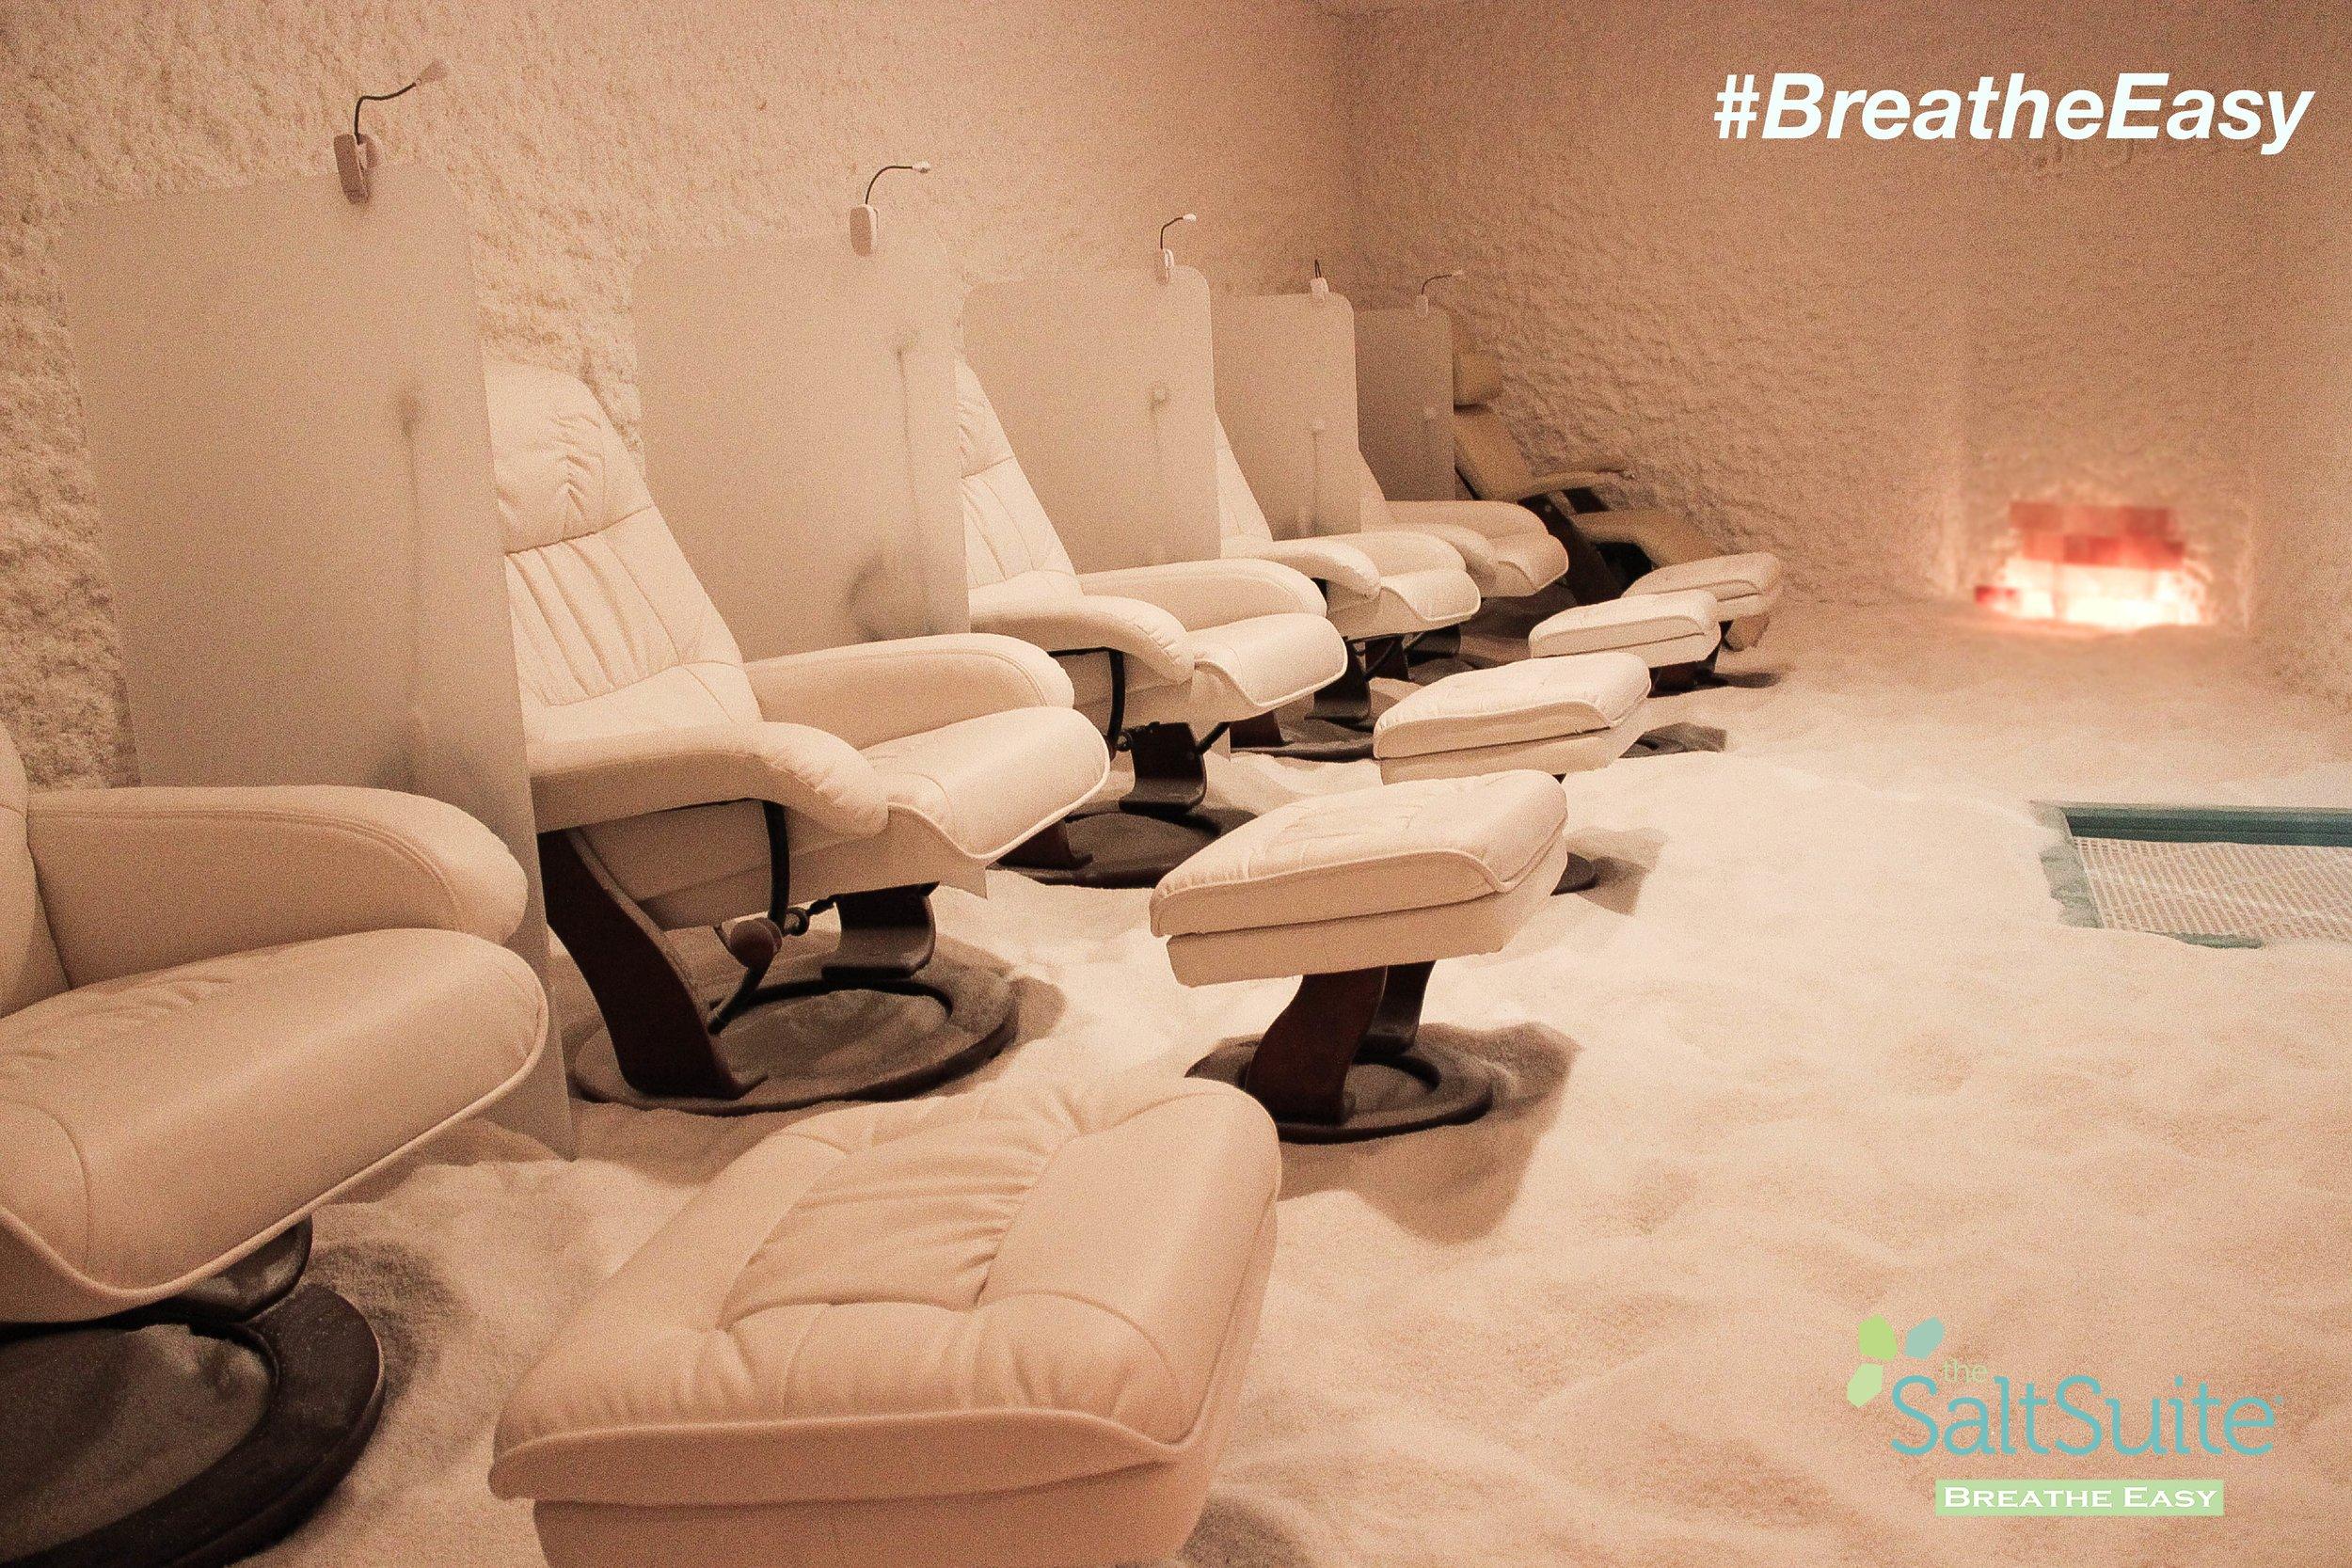 Adult room breathe easy.jpg